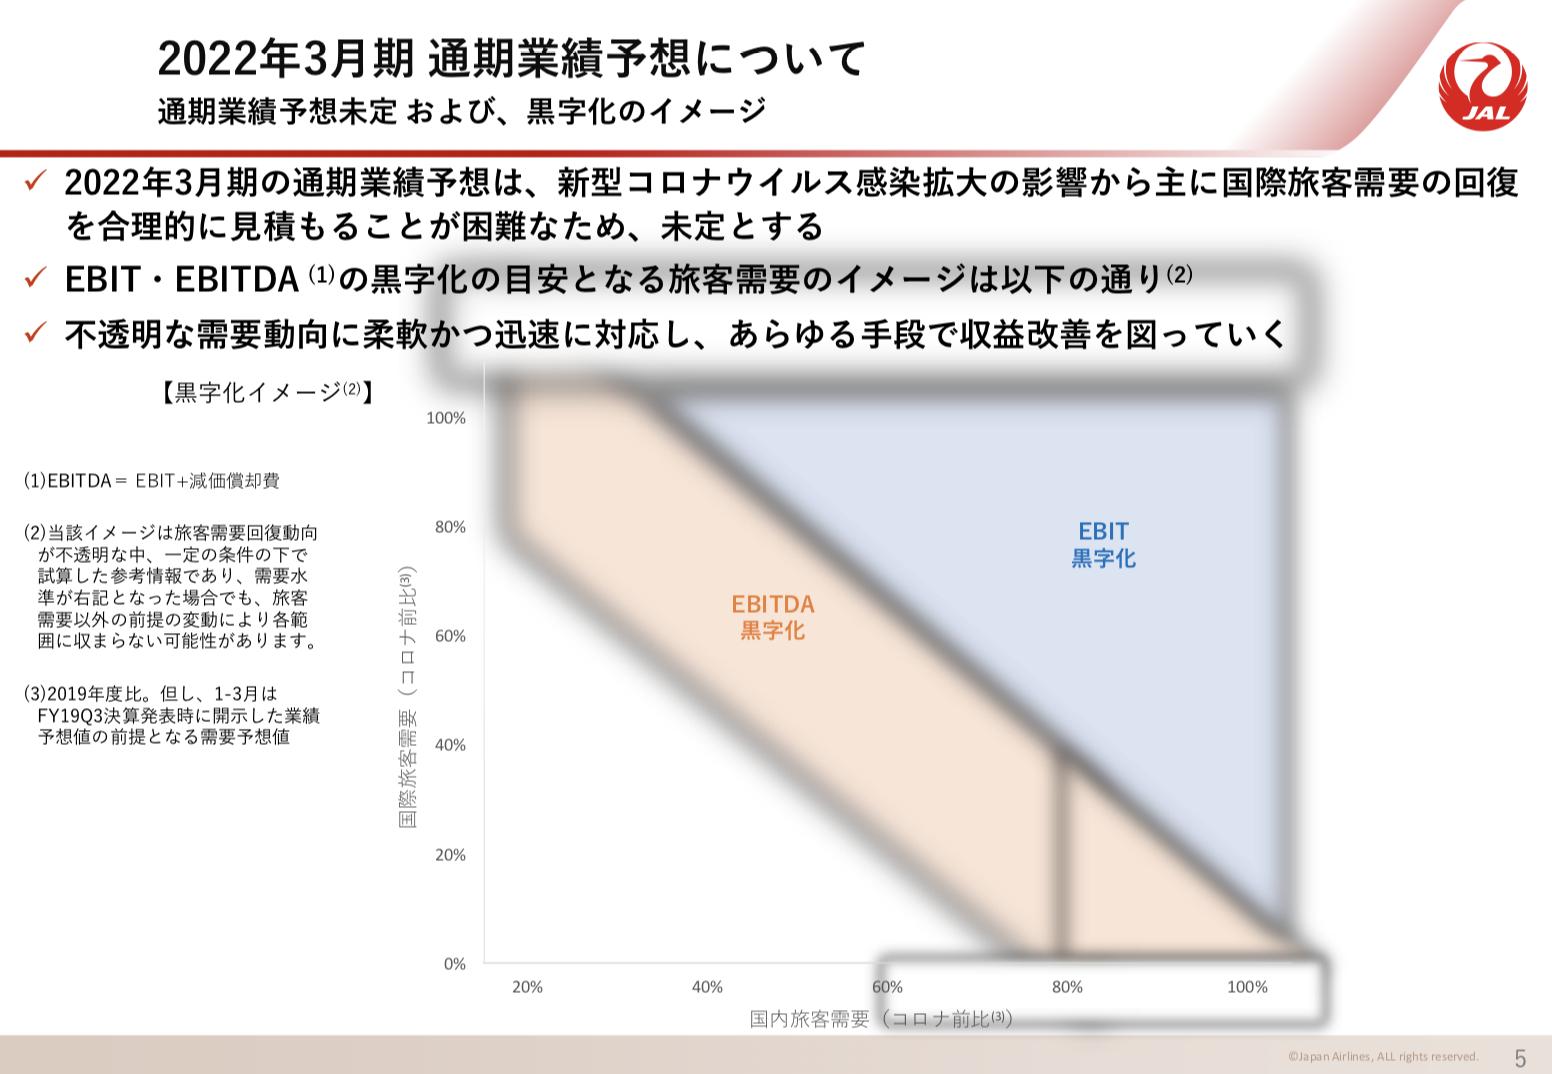 日本航空株式会社 2021年3月期 決算説明会